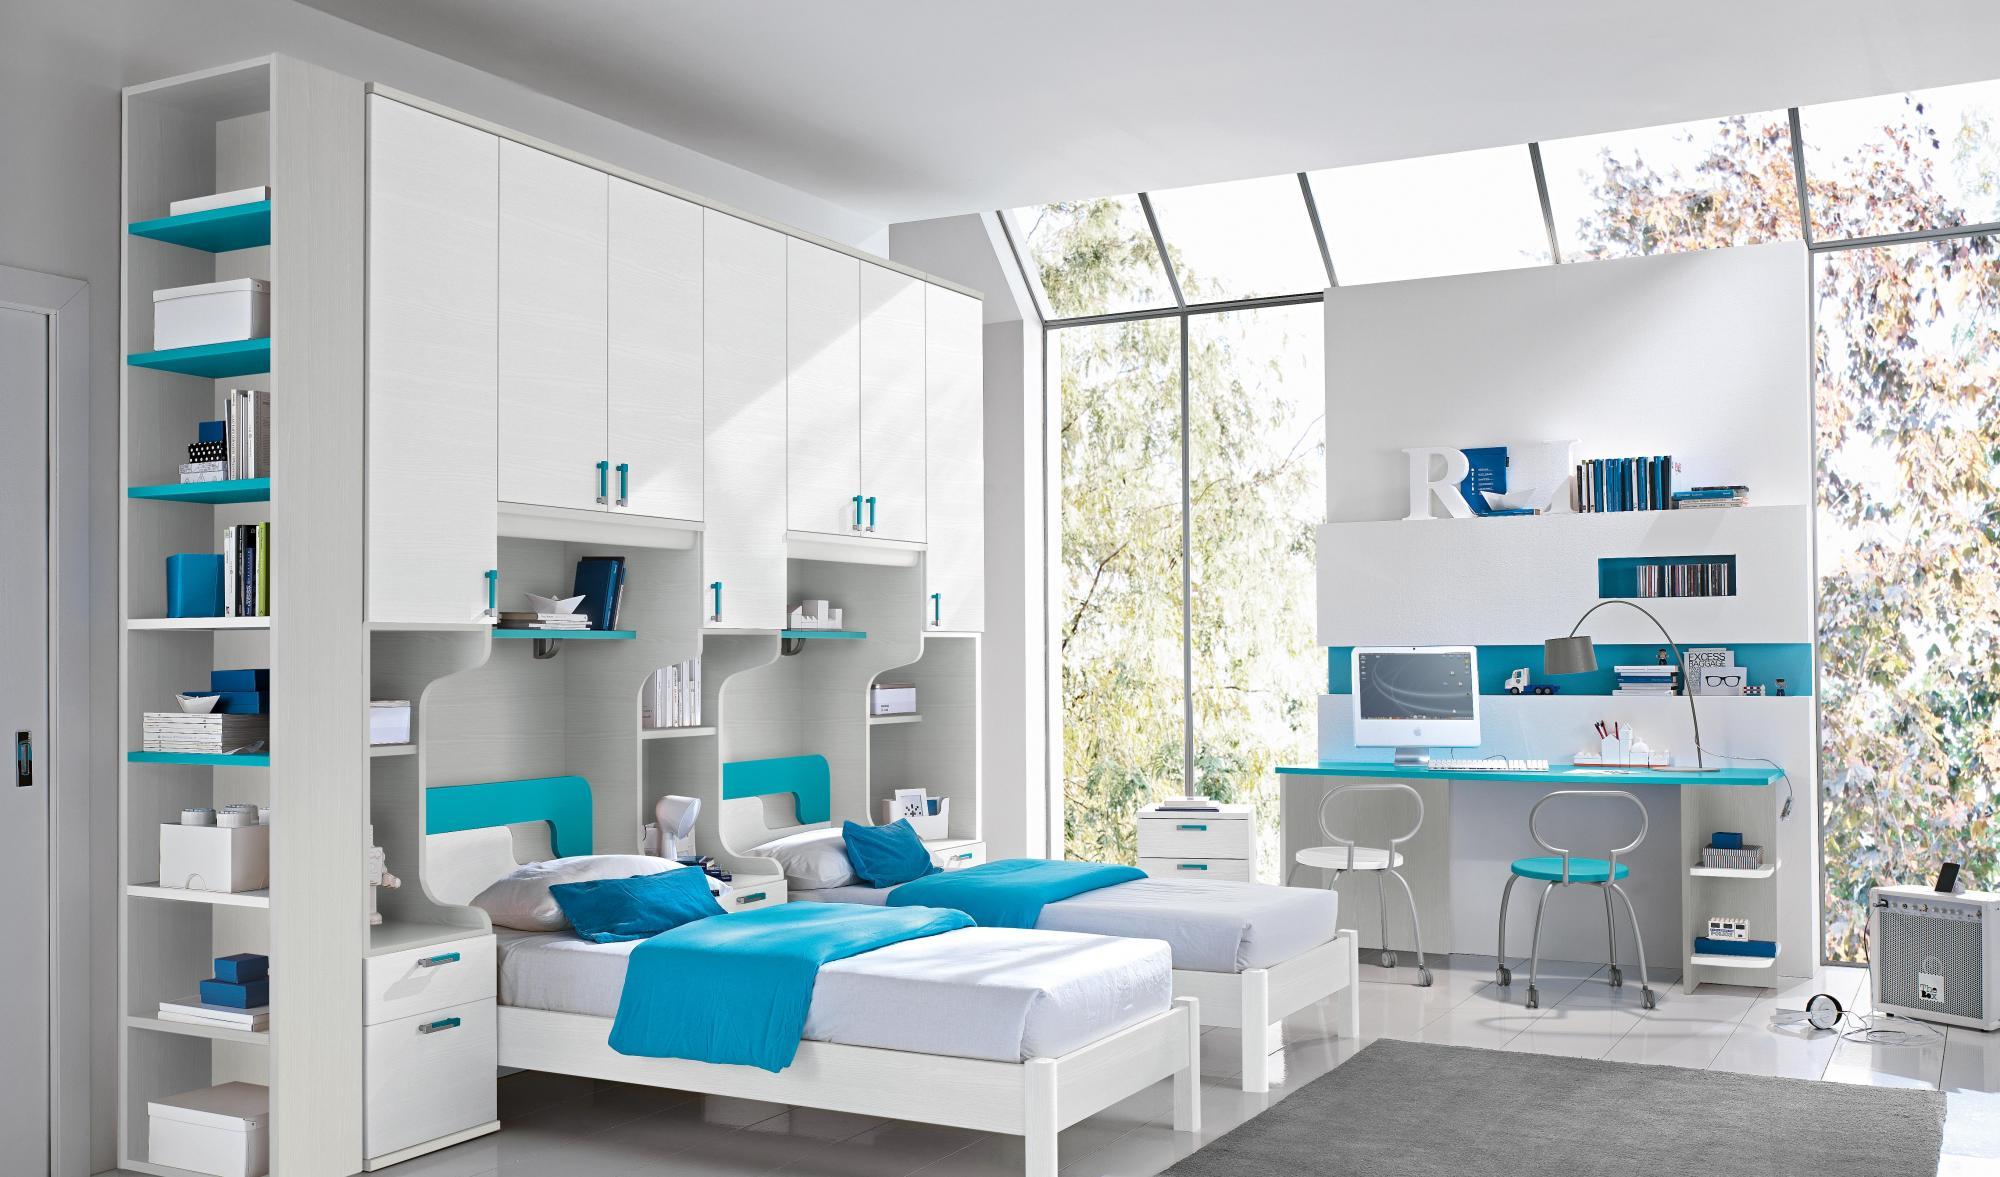 Ponti azzurro miranda mobili napoli e provincia di - Recensioni camerette colombini ...